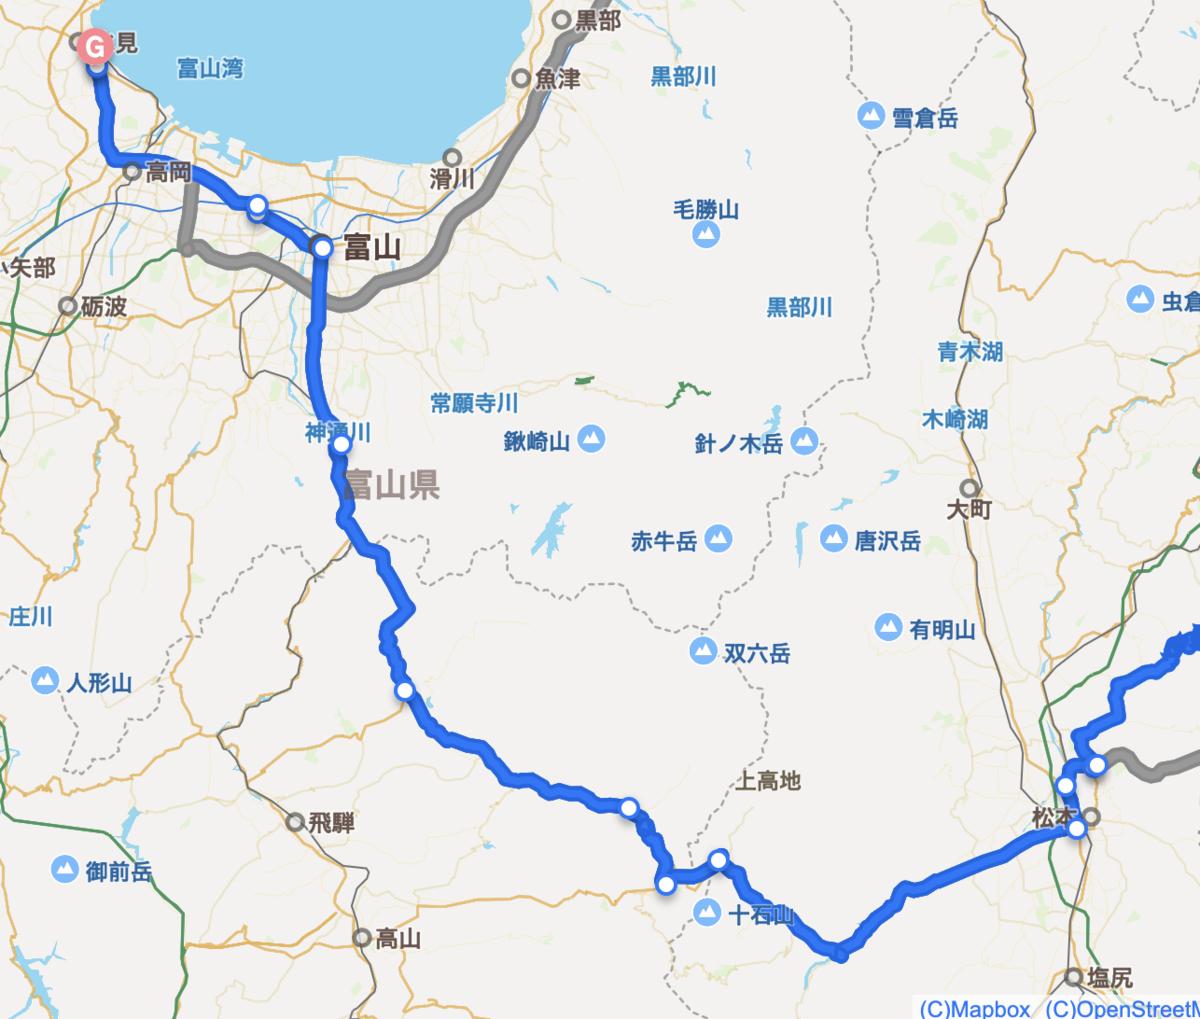 f:id:kisokoji:20210620201740p:plain:w500